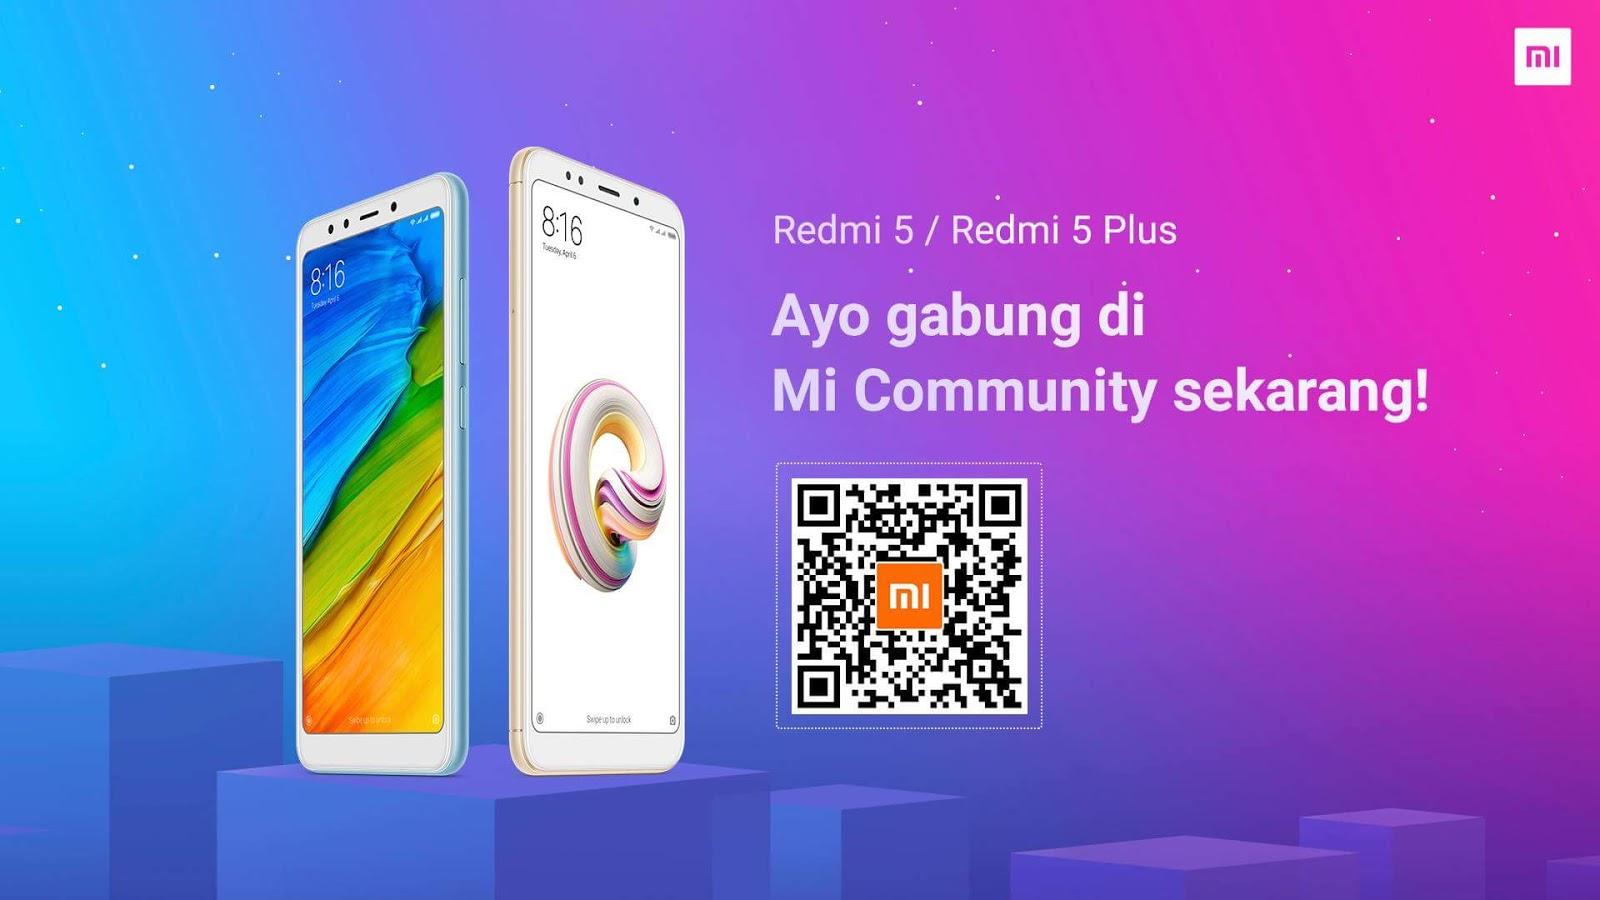 Harga Resmi Xiaomi Redmi 5 Plus Garansi Tam Indonesia Fitra Rahim 5a  Banyak Dari Mereka Berharap Agar Perangkat Seri Teranyar Tersebut Masuk Secara Di Dan Setelah Penantian Yang Cukup Lama